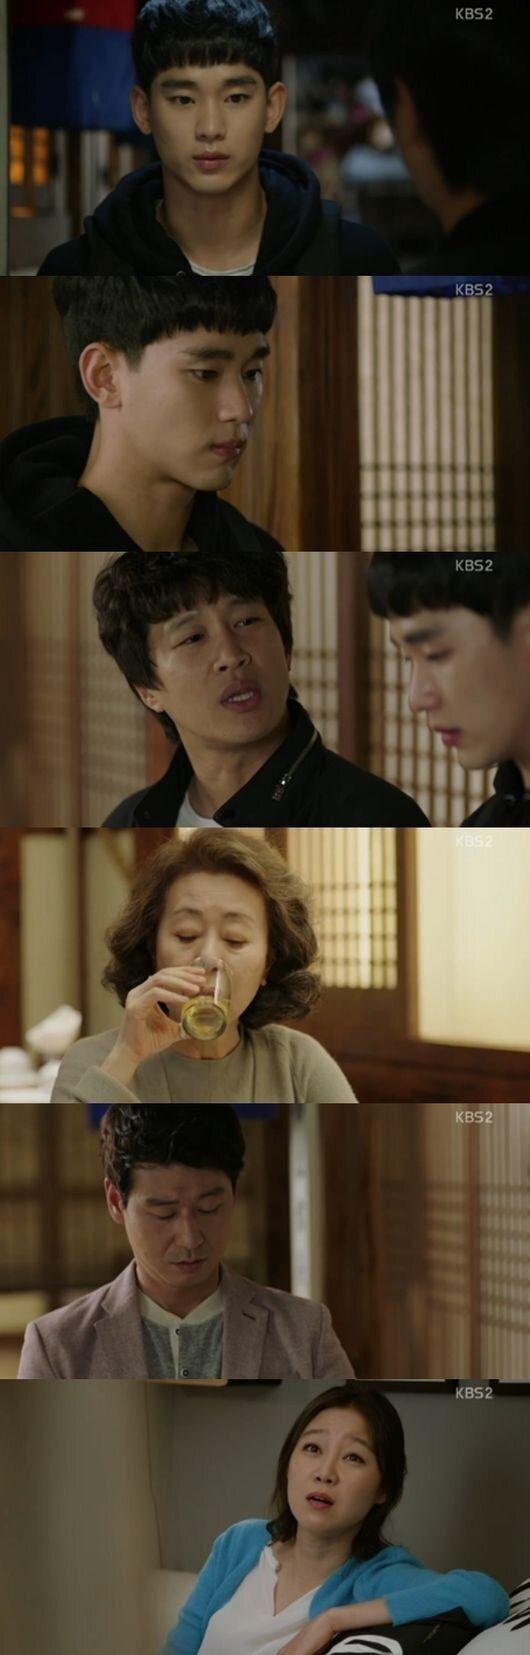 [어저께TV]'프로듀사' 신입PD 김수현, 너도